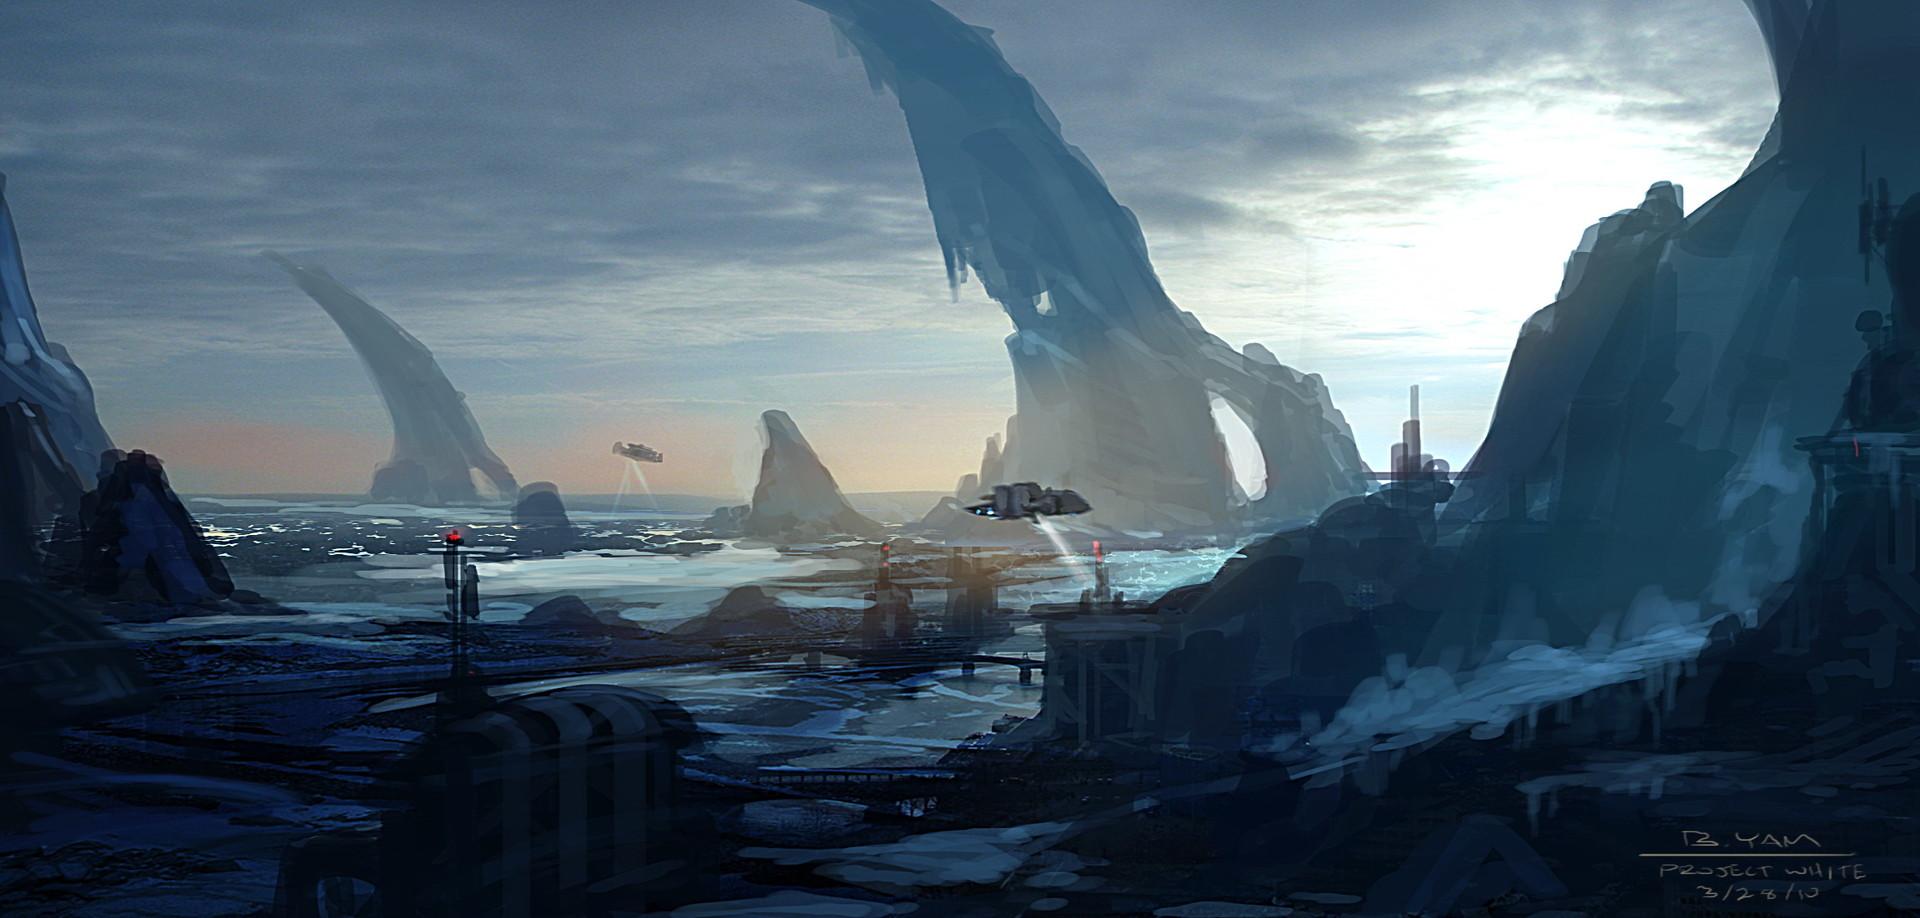 Brian yam 10 ice planeta